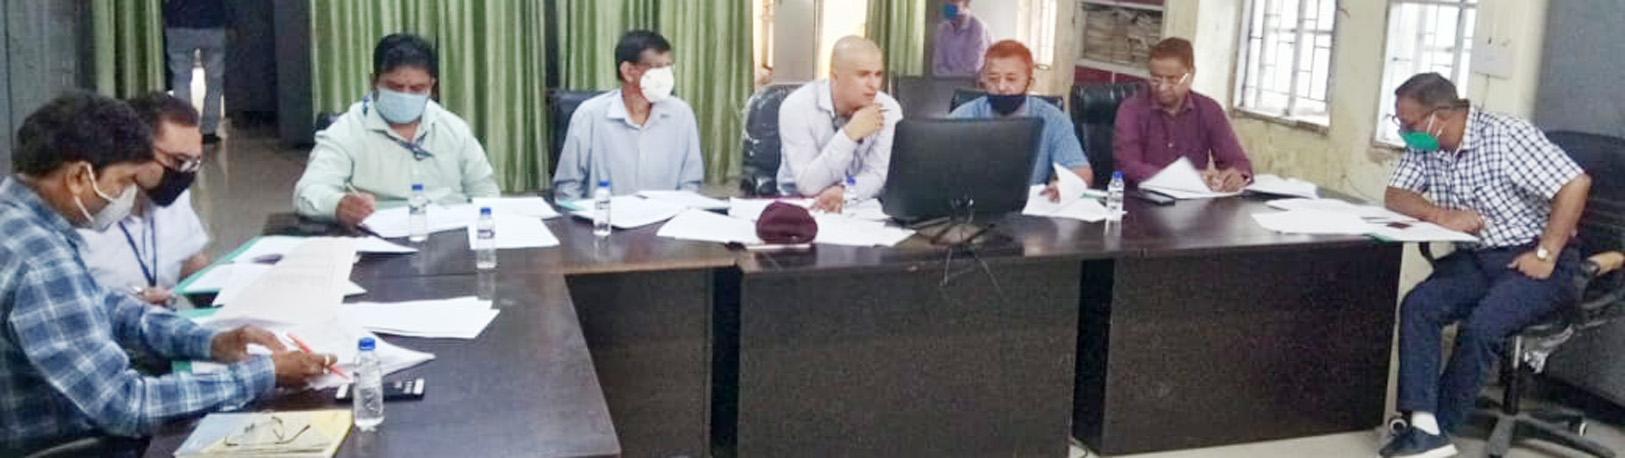 साक्षात्कार के दौरान मौजूद अधिकारी